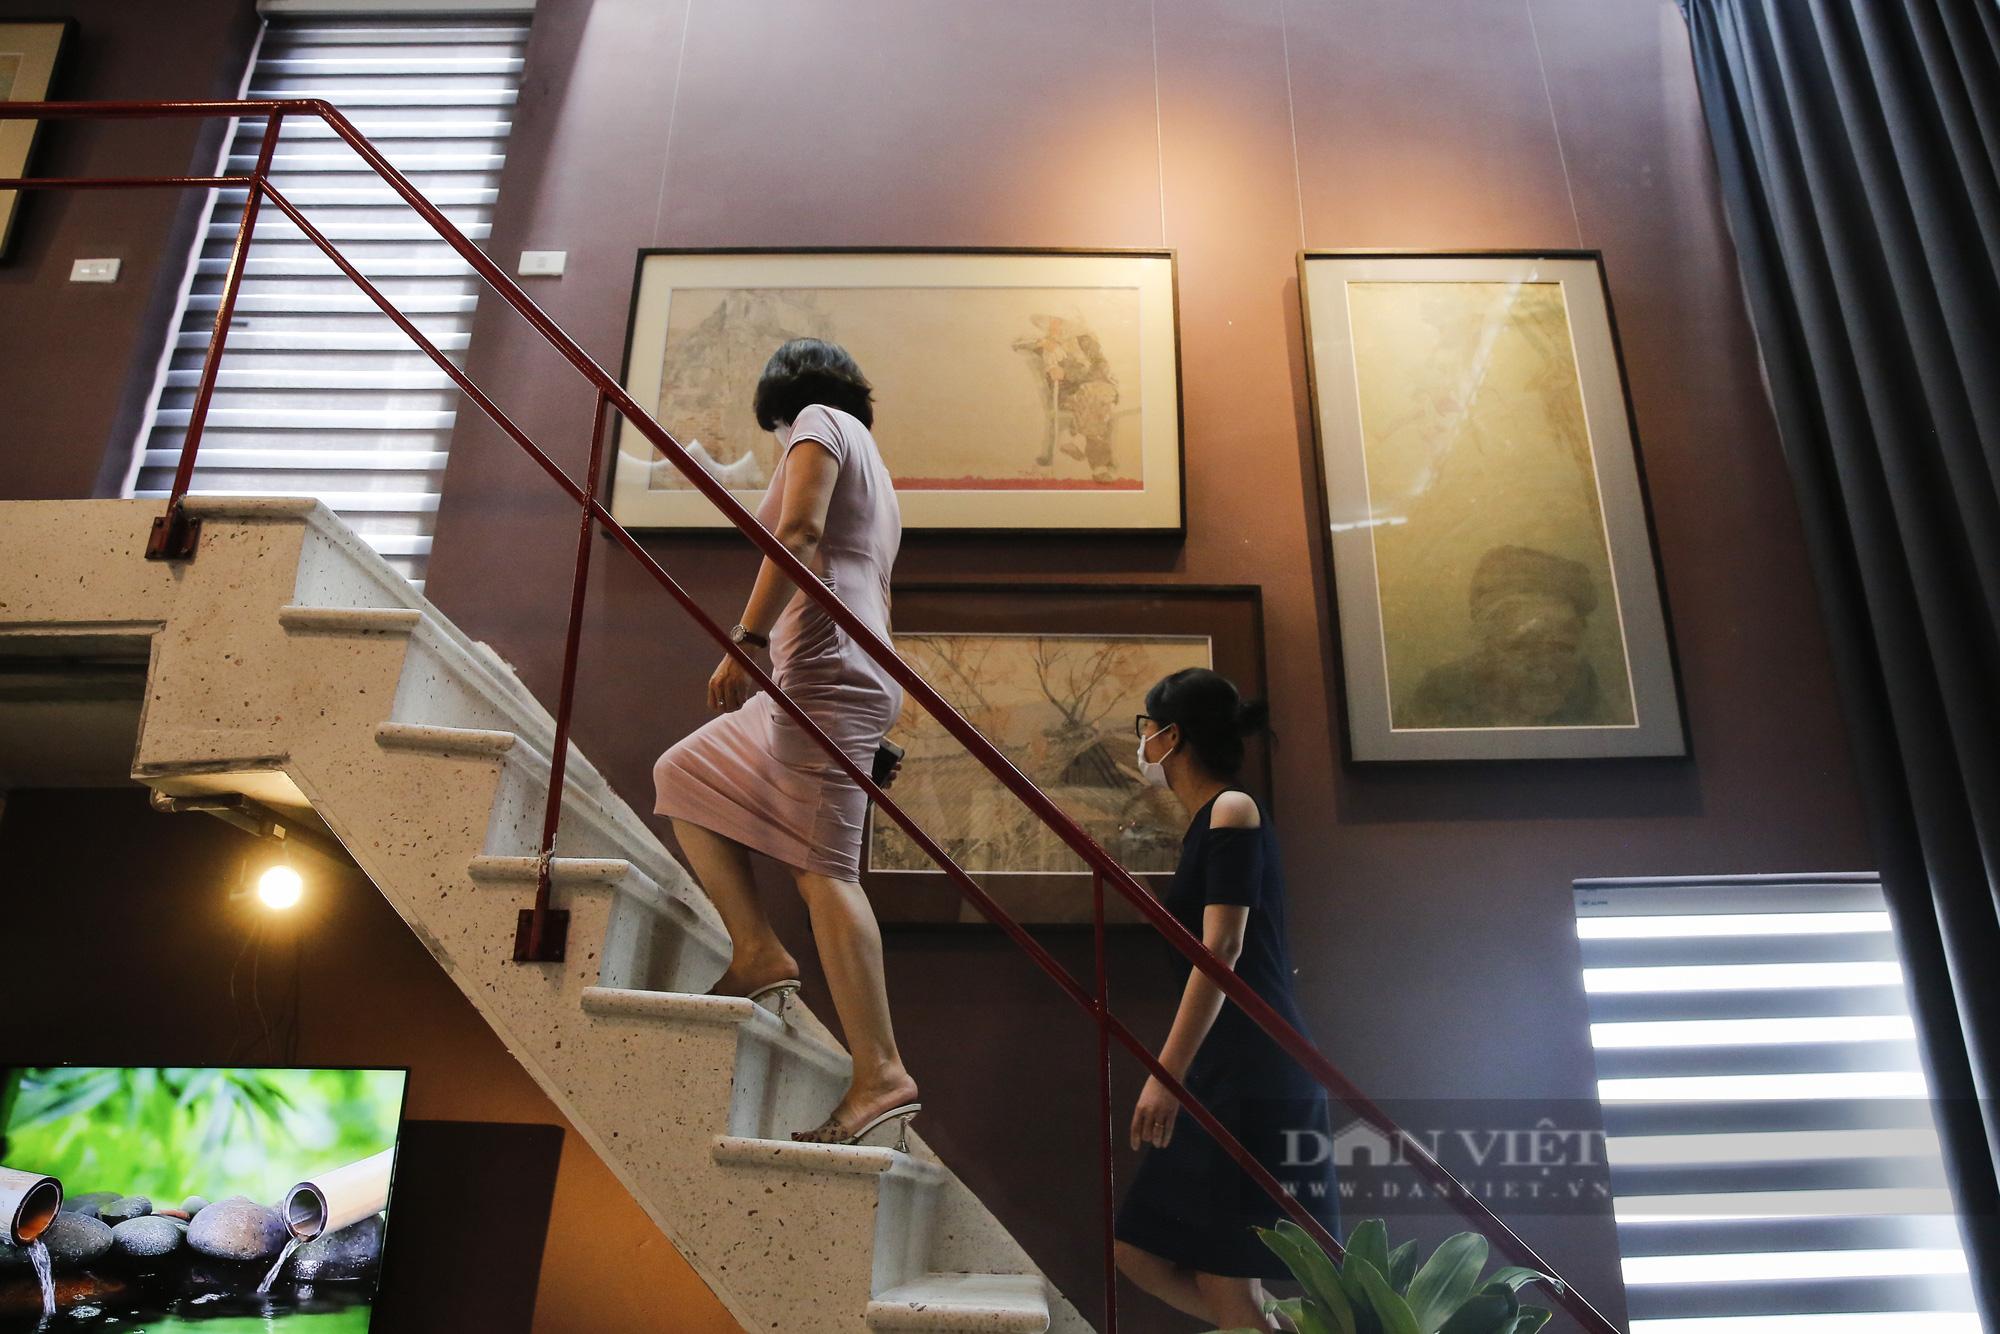 Chiêm ngưỡng không gian tranh giấy dó truyền thống đặc biệt tại Hà Nội - Ảnh 5.